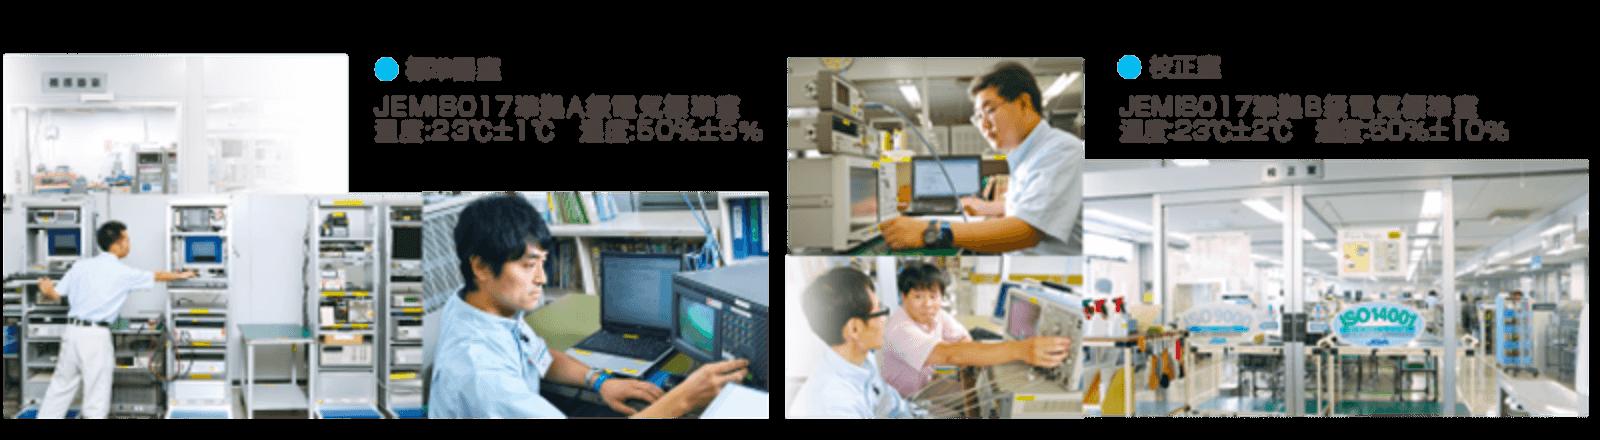 ・標準器室 JEMISO17準拠A級電気標準室 温度:23℃±1℃ 湿度:50%±5% ・校正室 JEMISO17準拠B級電気標準室 温度:23℃±2℃ 湿度:50%±10%